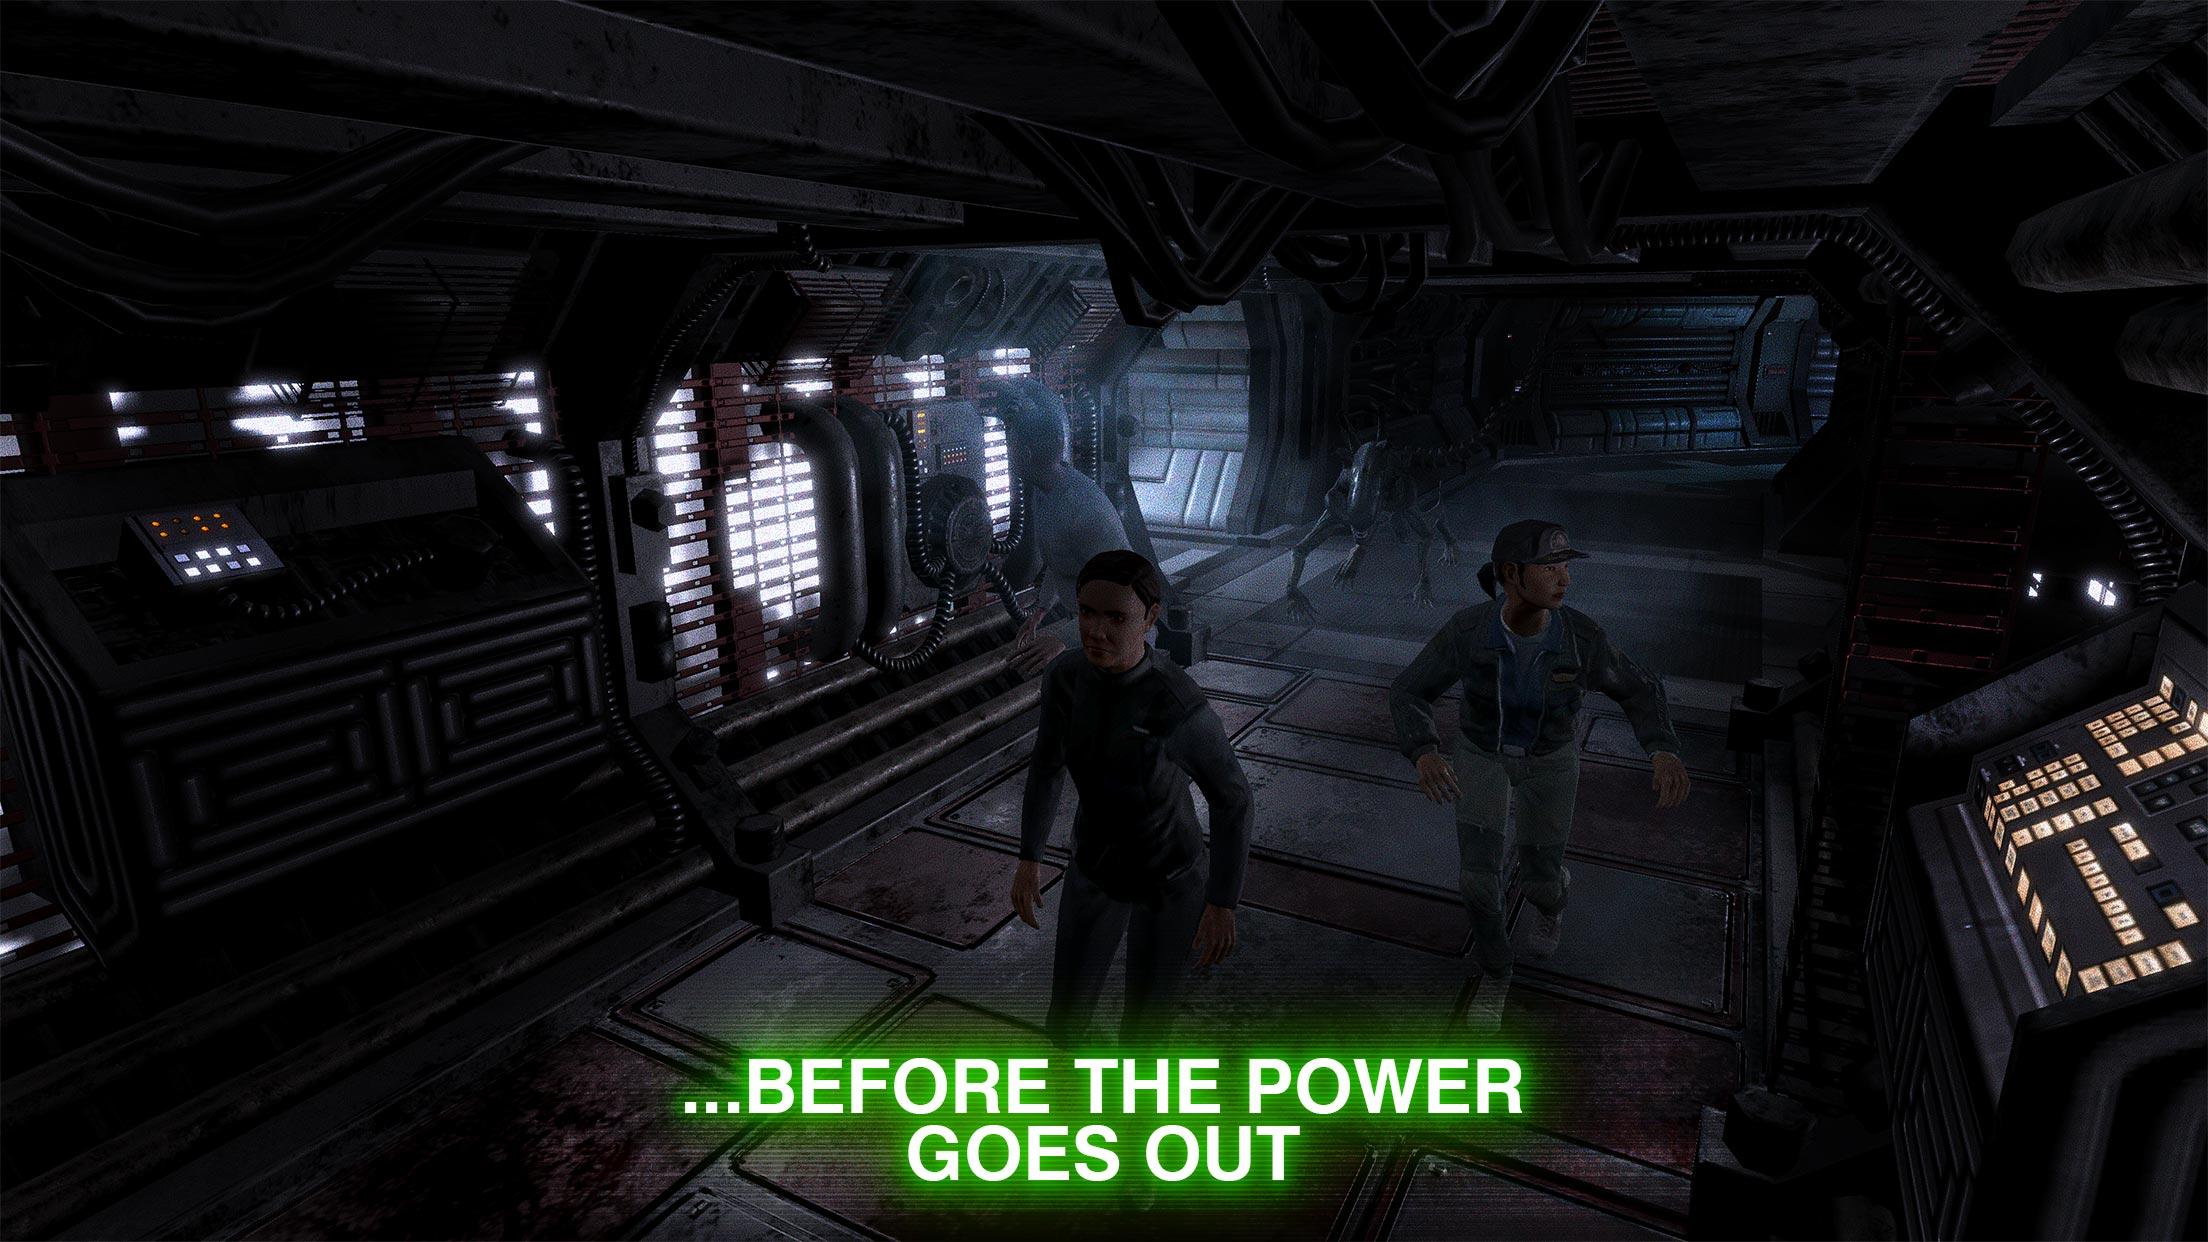 官方正式公布《异形:断电》 但这只是一款手游